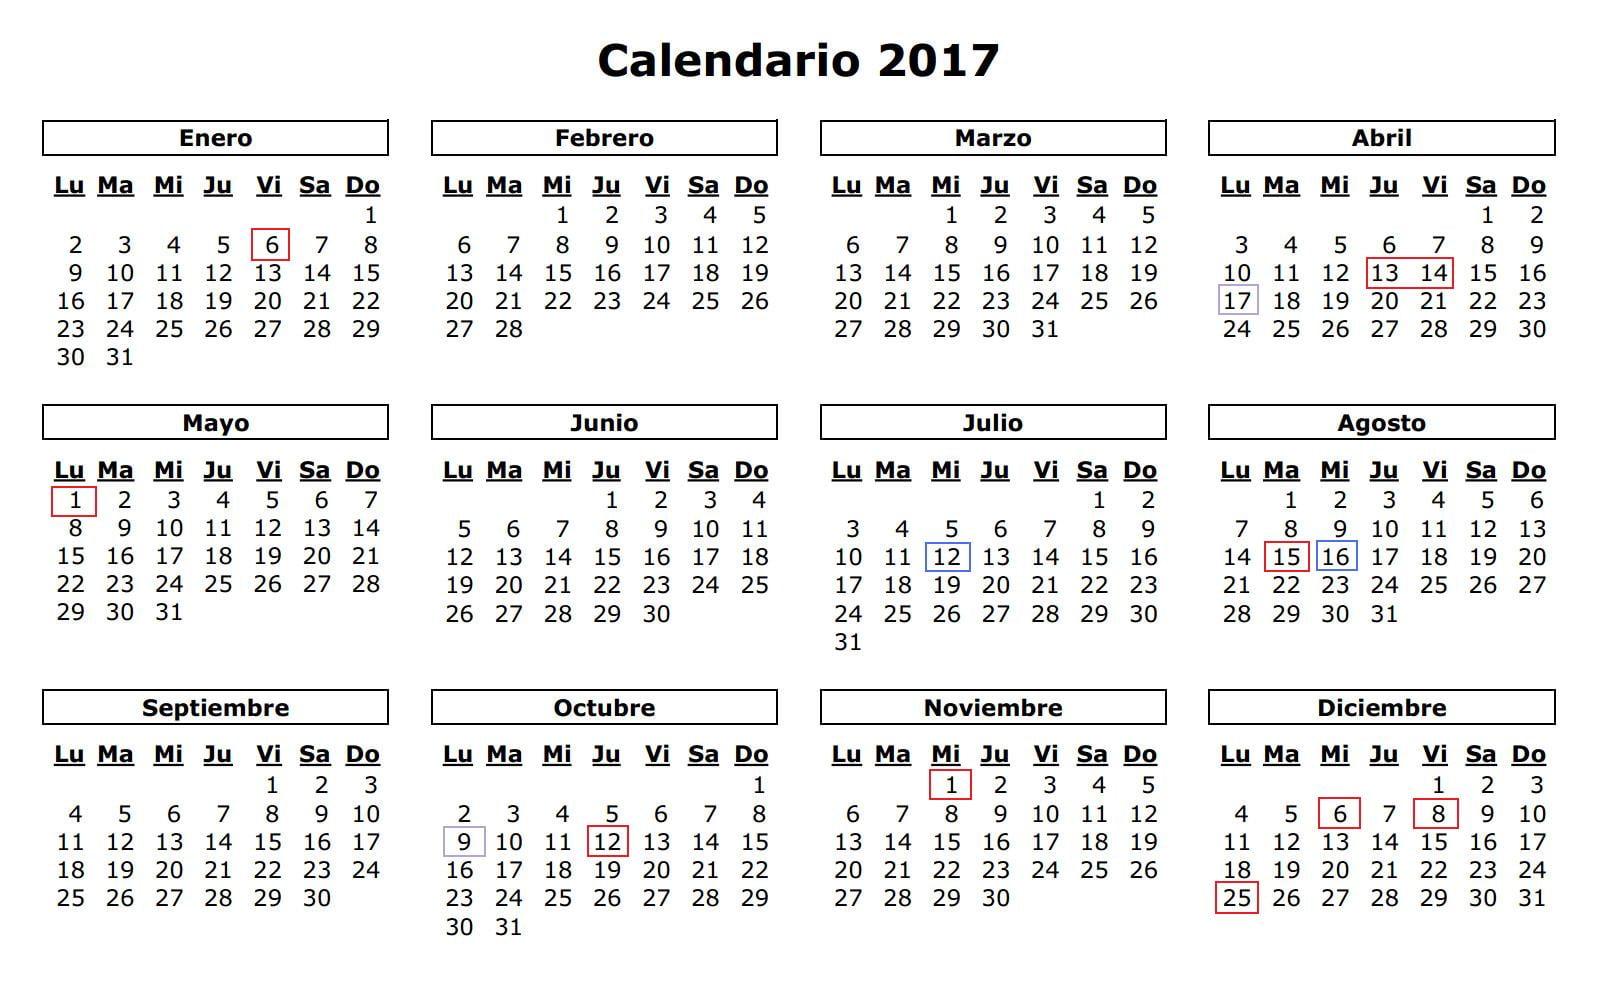 Calendario laboral Dénia 2017